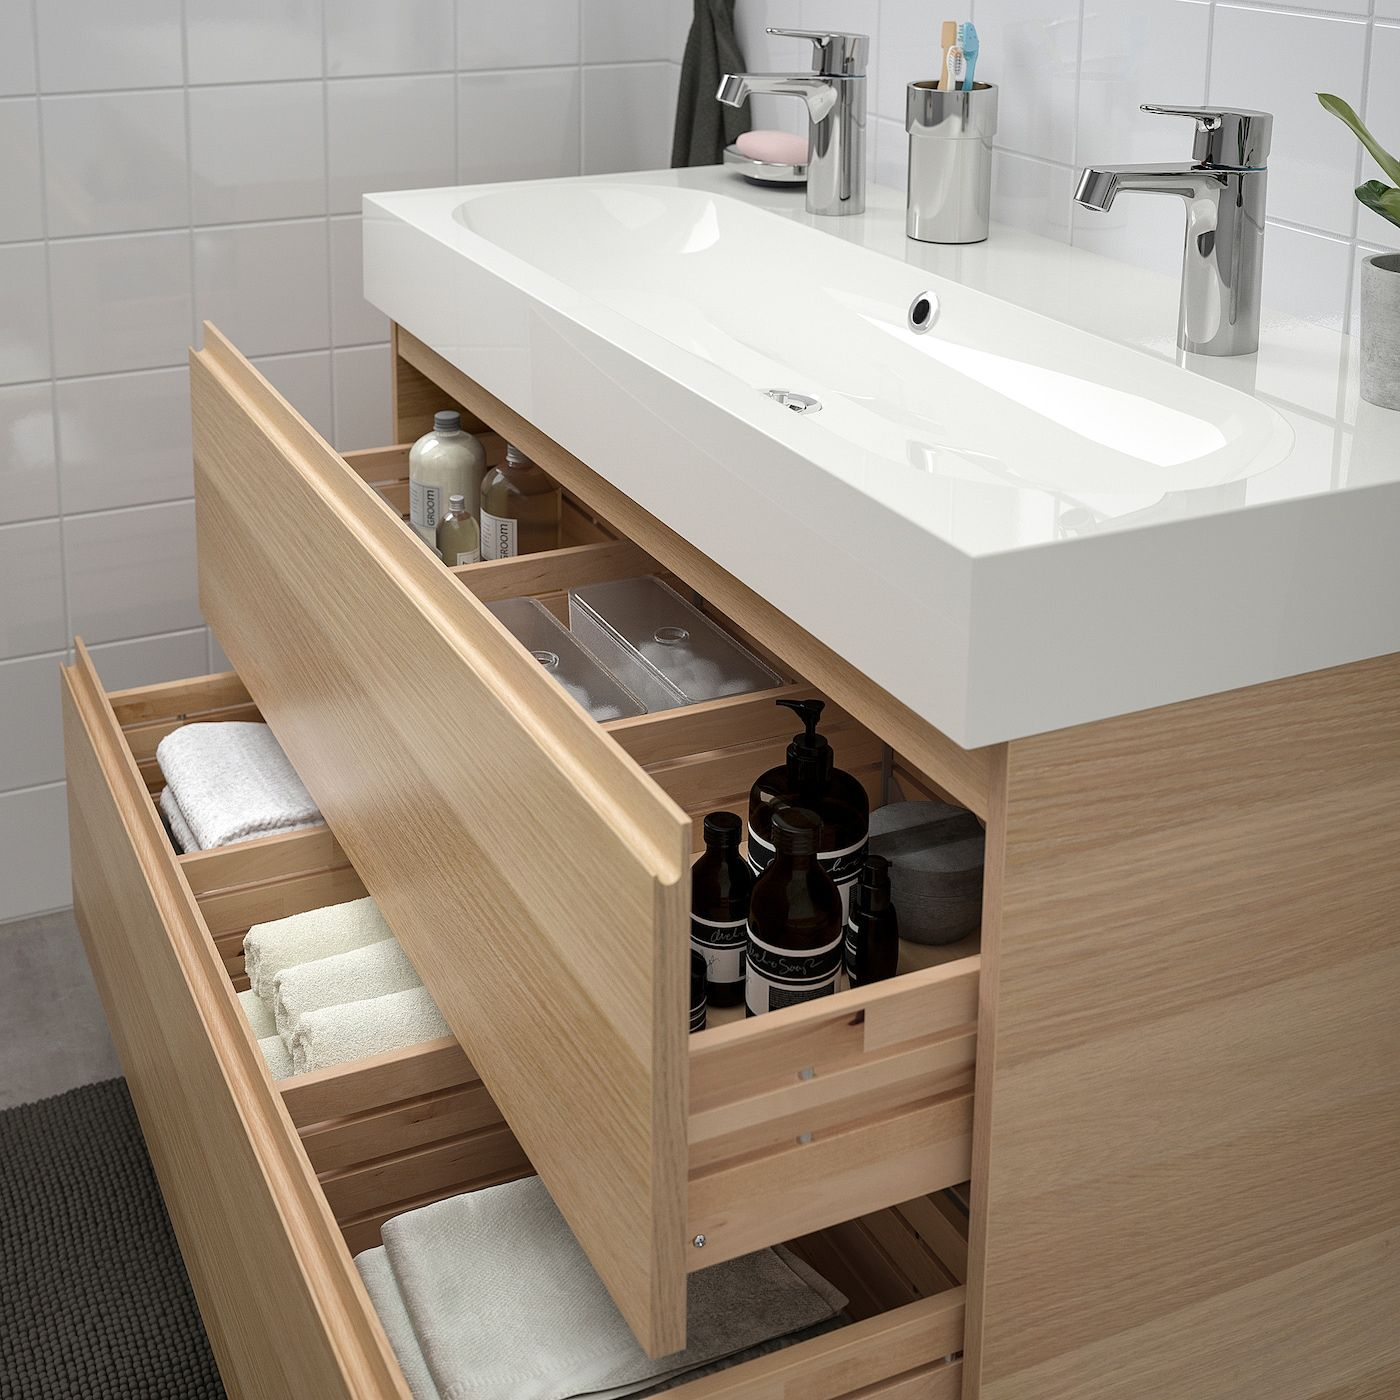 Ikea Godmorgon Braviken Waschbeckenschrank 2 Schublade Eicheneffekt Wlas Brogrund Mischbatterie In 2020 Waschbeckenschrank Ikea Godmorgon Ikea Bad